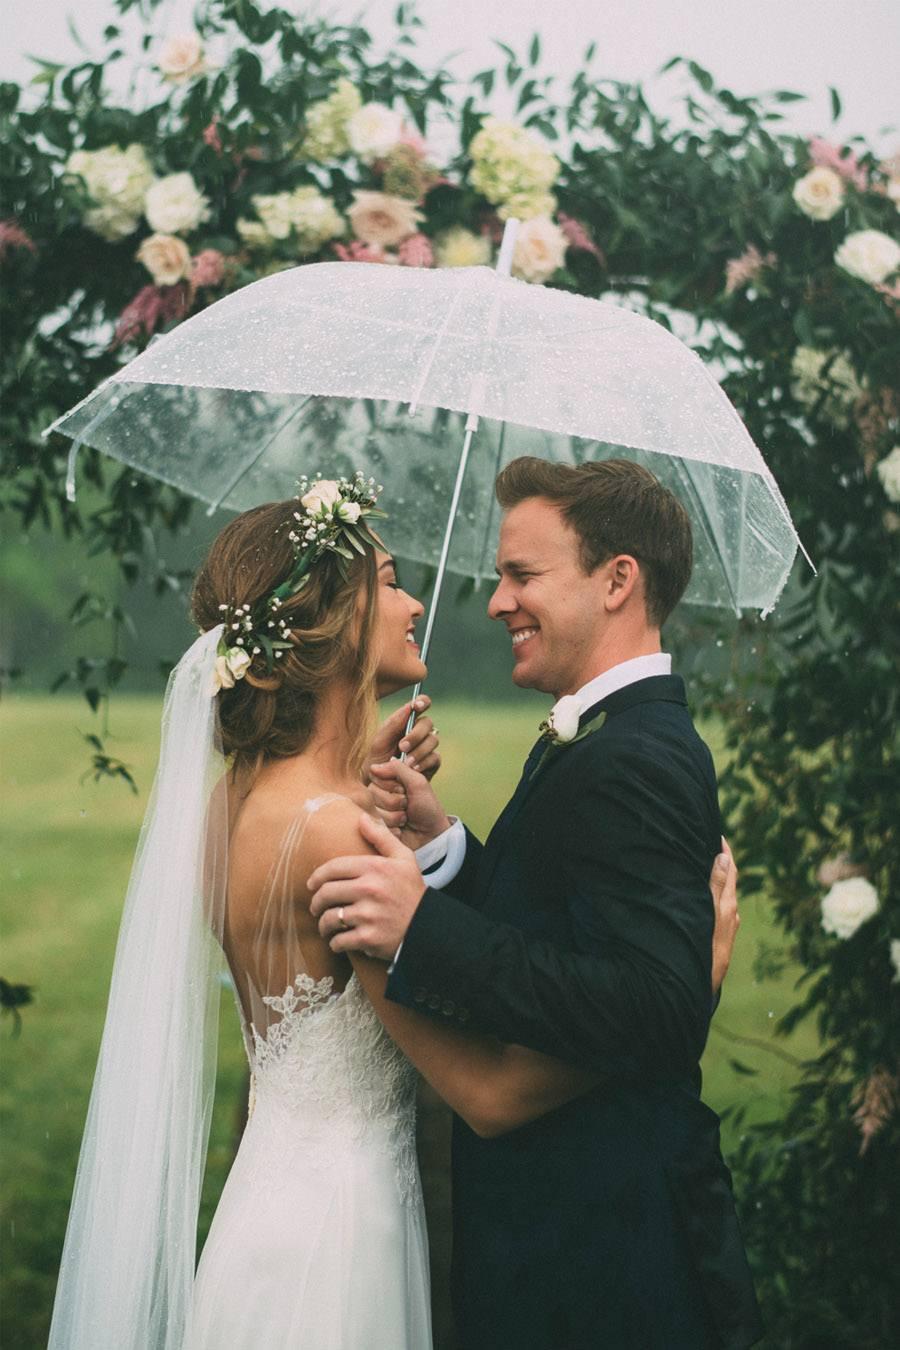 BODA LLUVIOSA, NOVIA DICHOSA boda-otoño